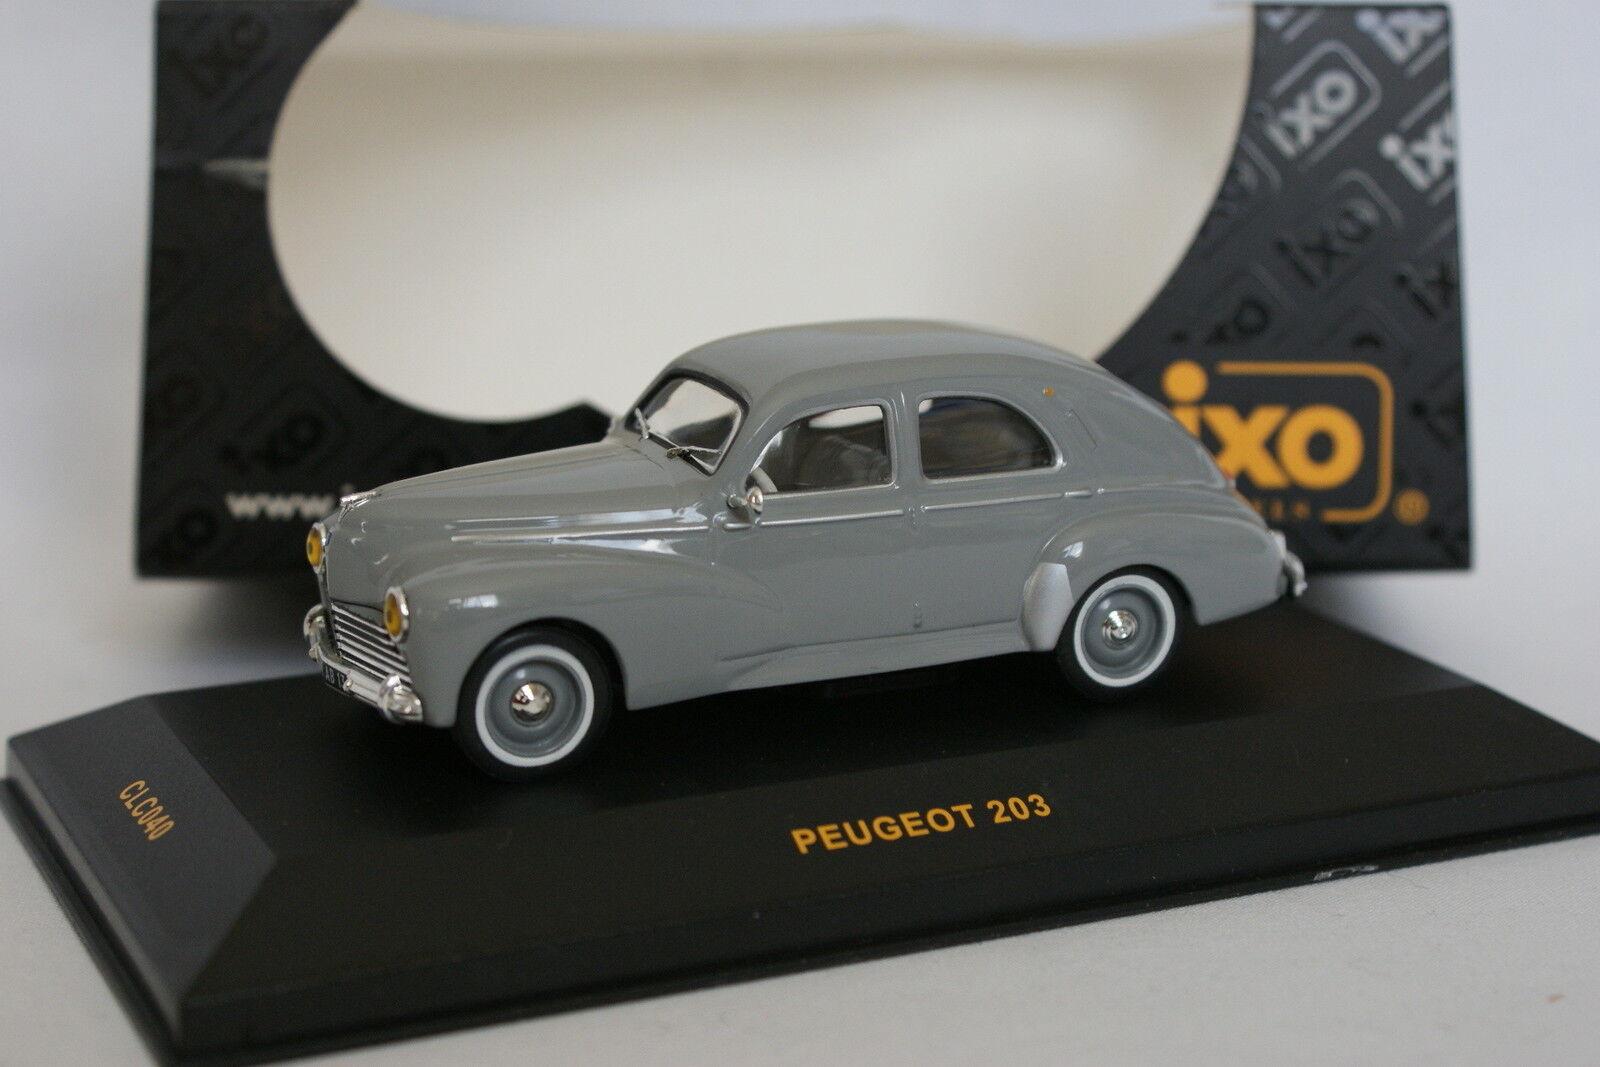 Ixo 1 43 - Peugeot 203 Grey